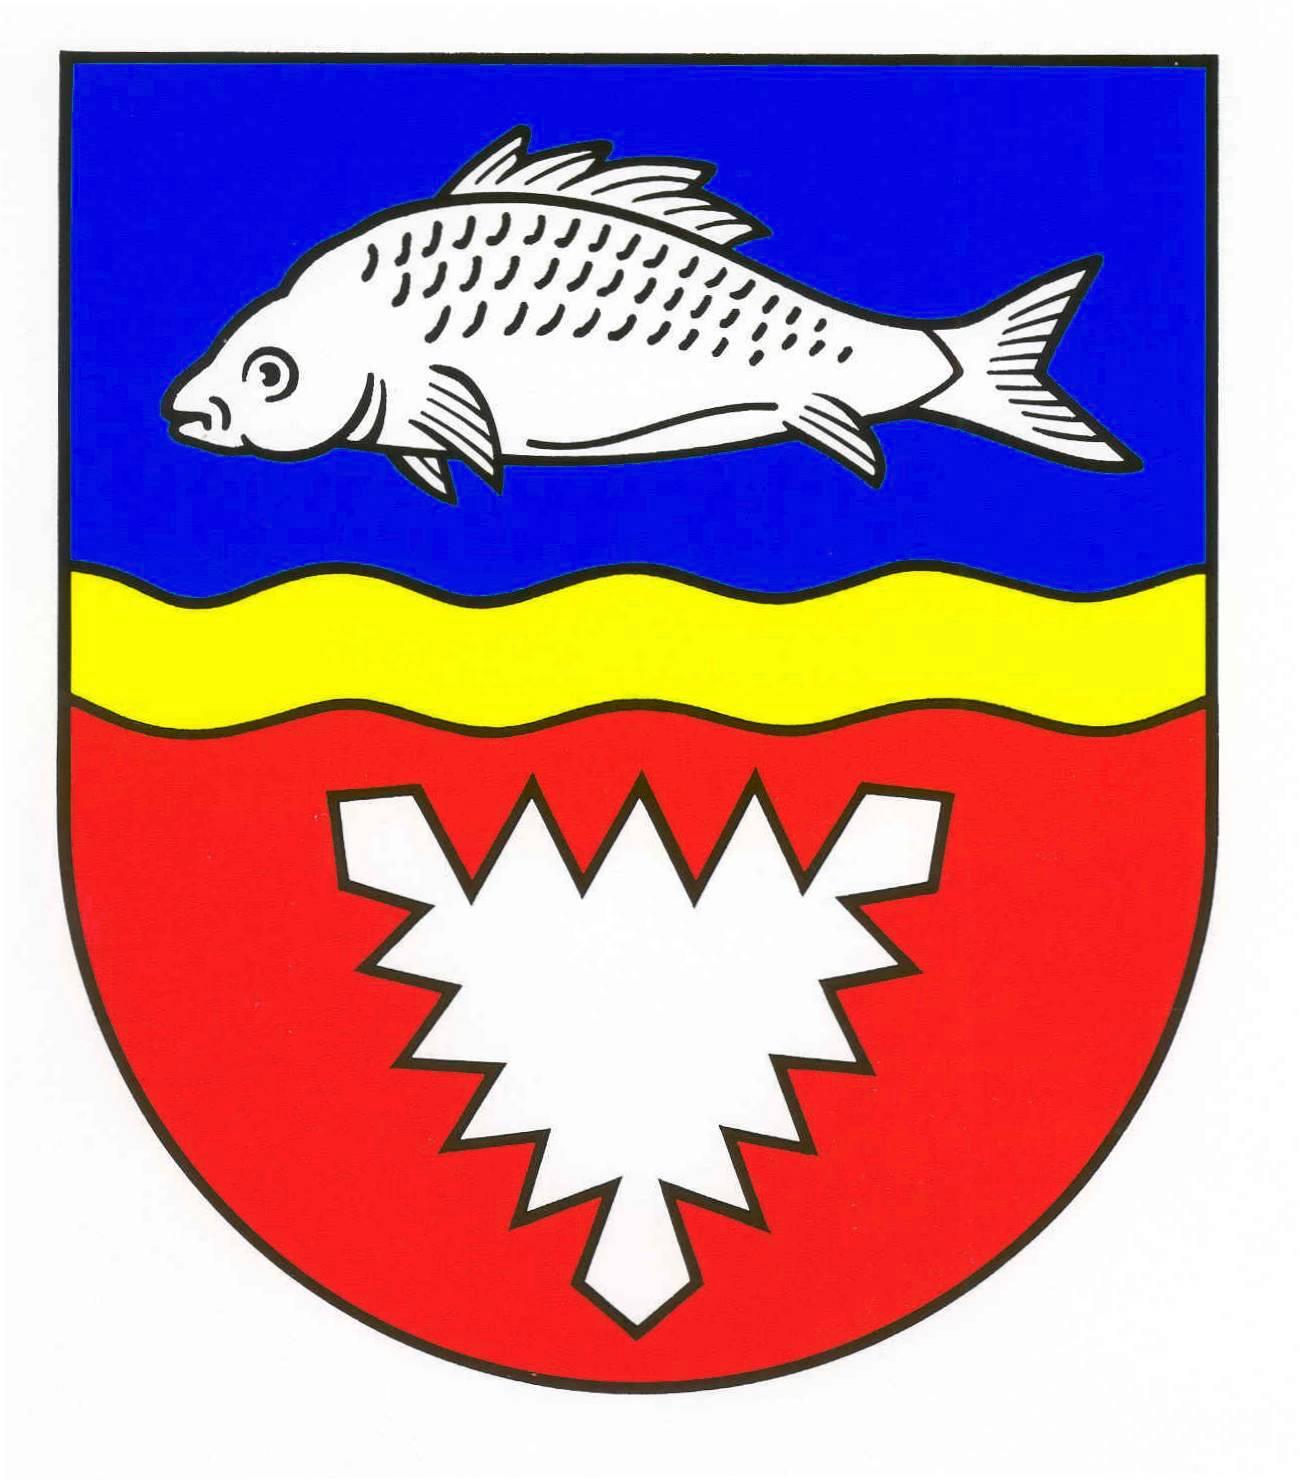 Wappen StadtPreetz, Kreis Plön